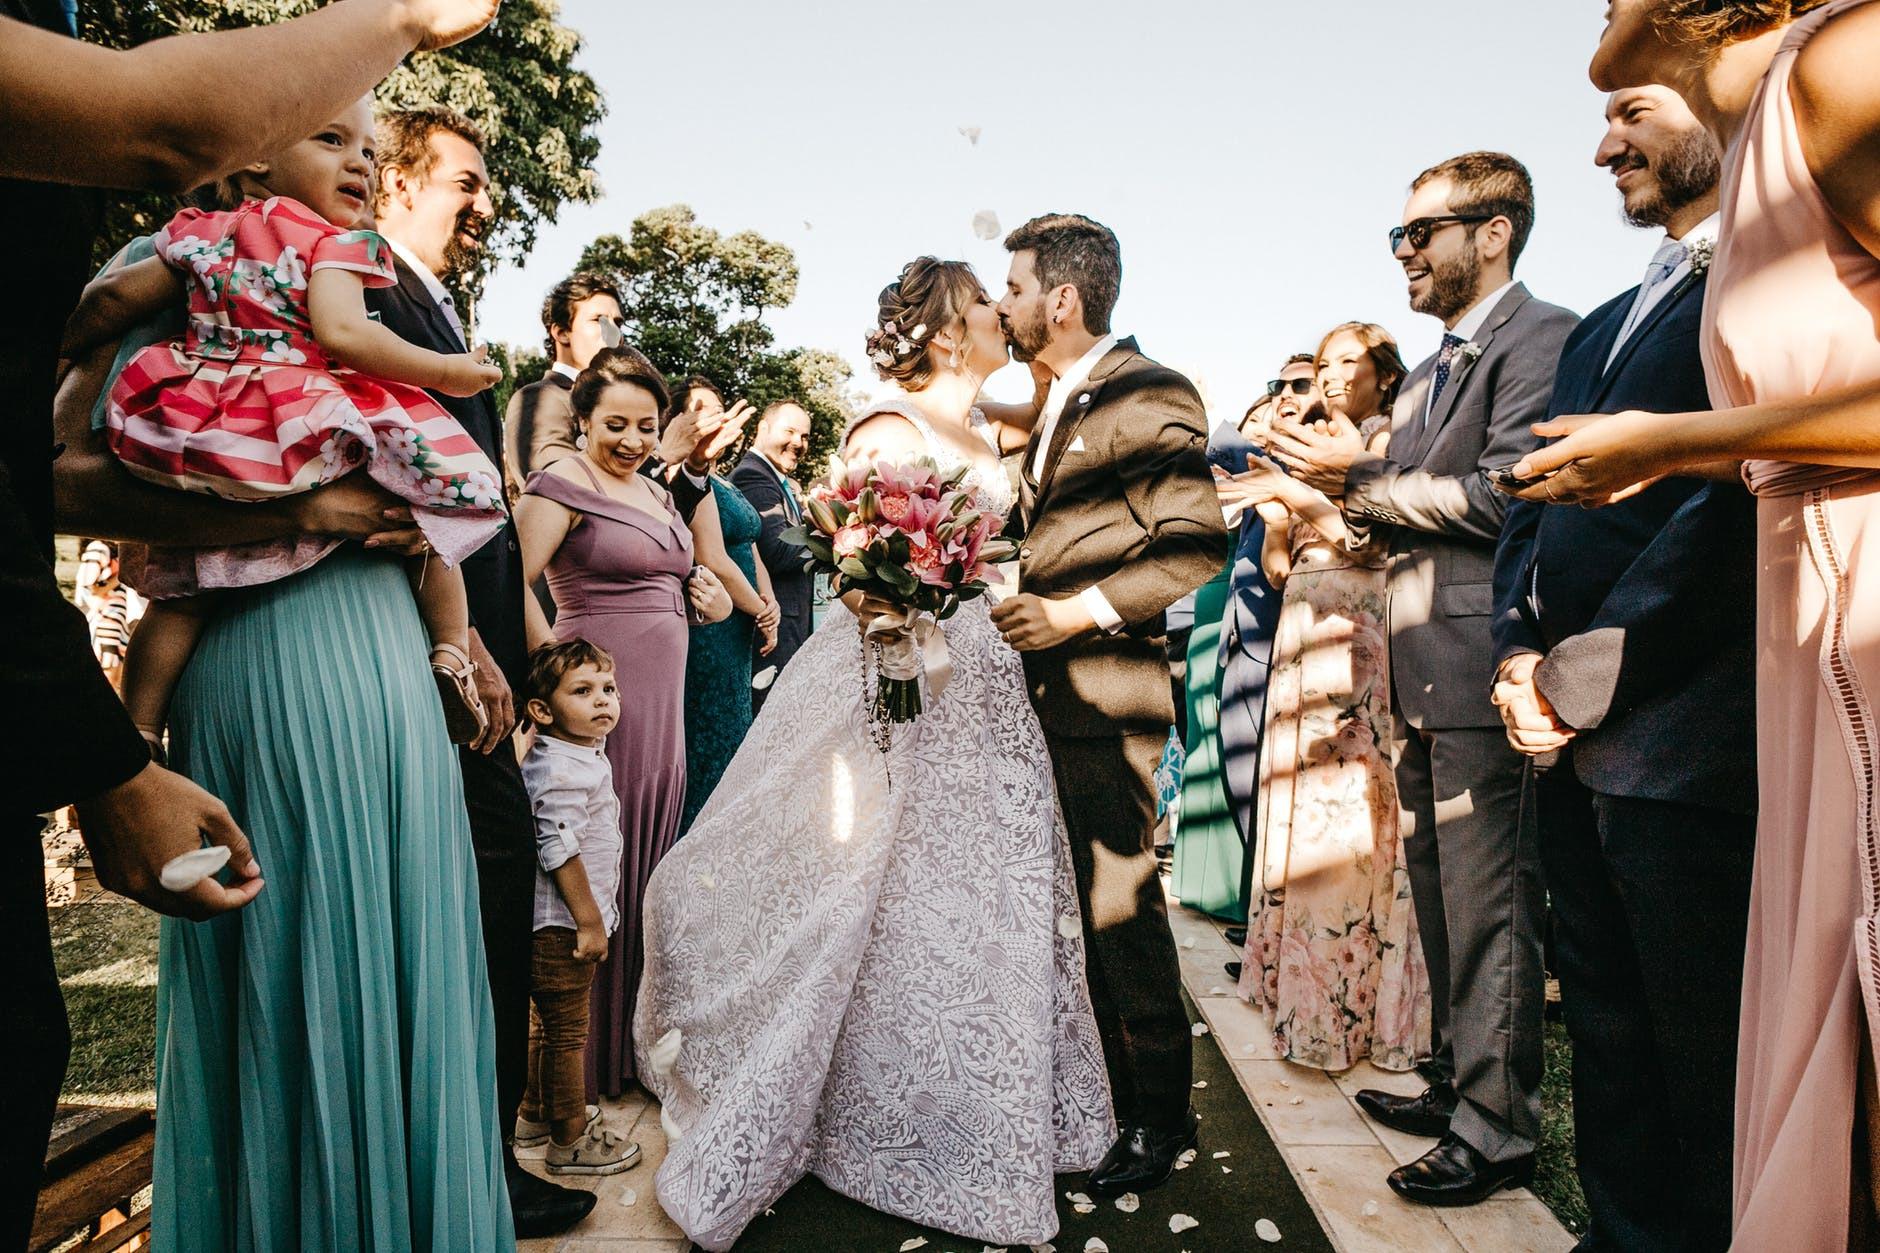 ♥ Eine Türkische Hochzeit Feiern: Besonderheiten